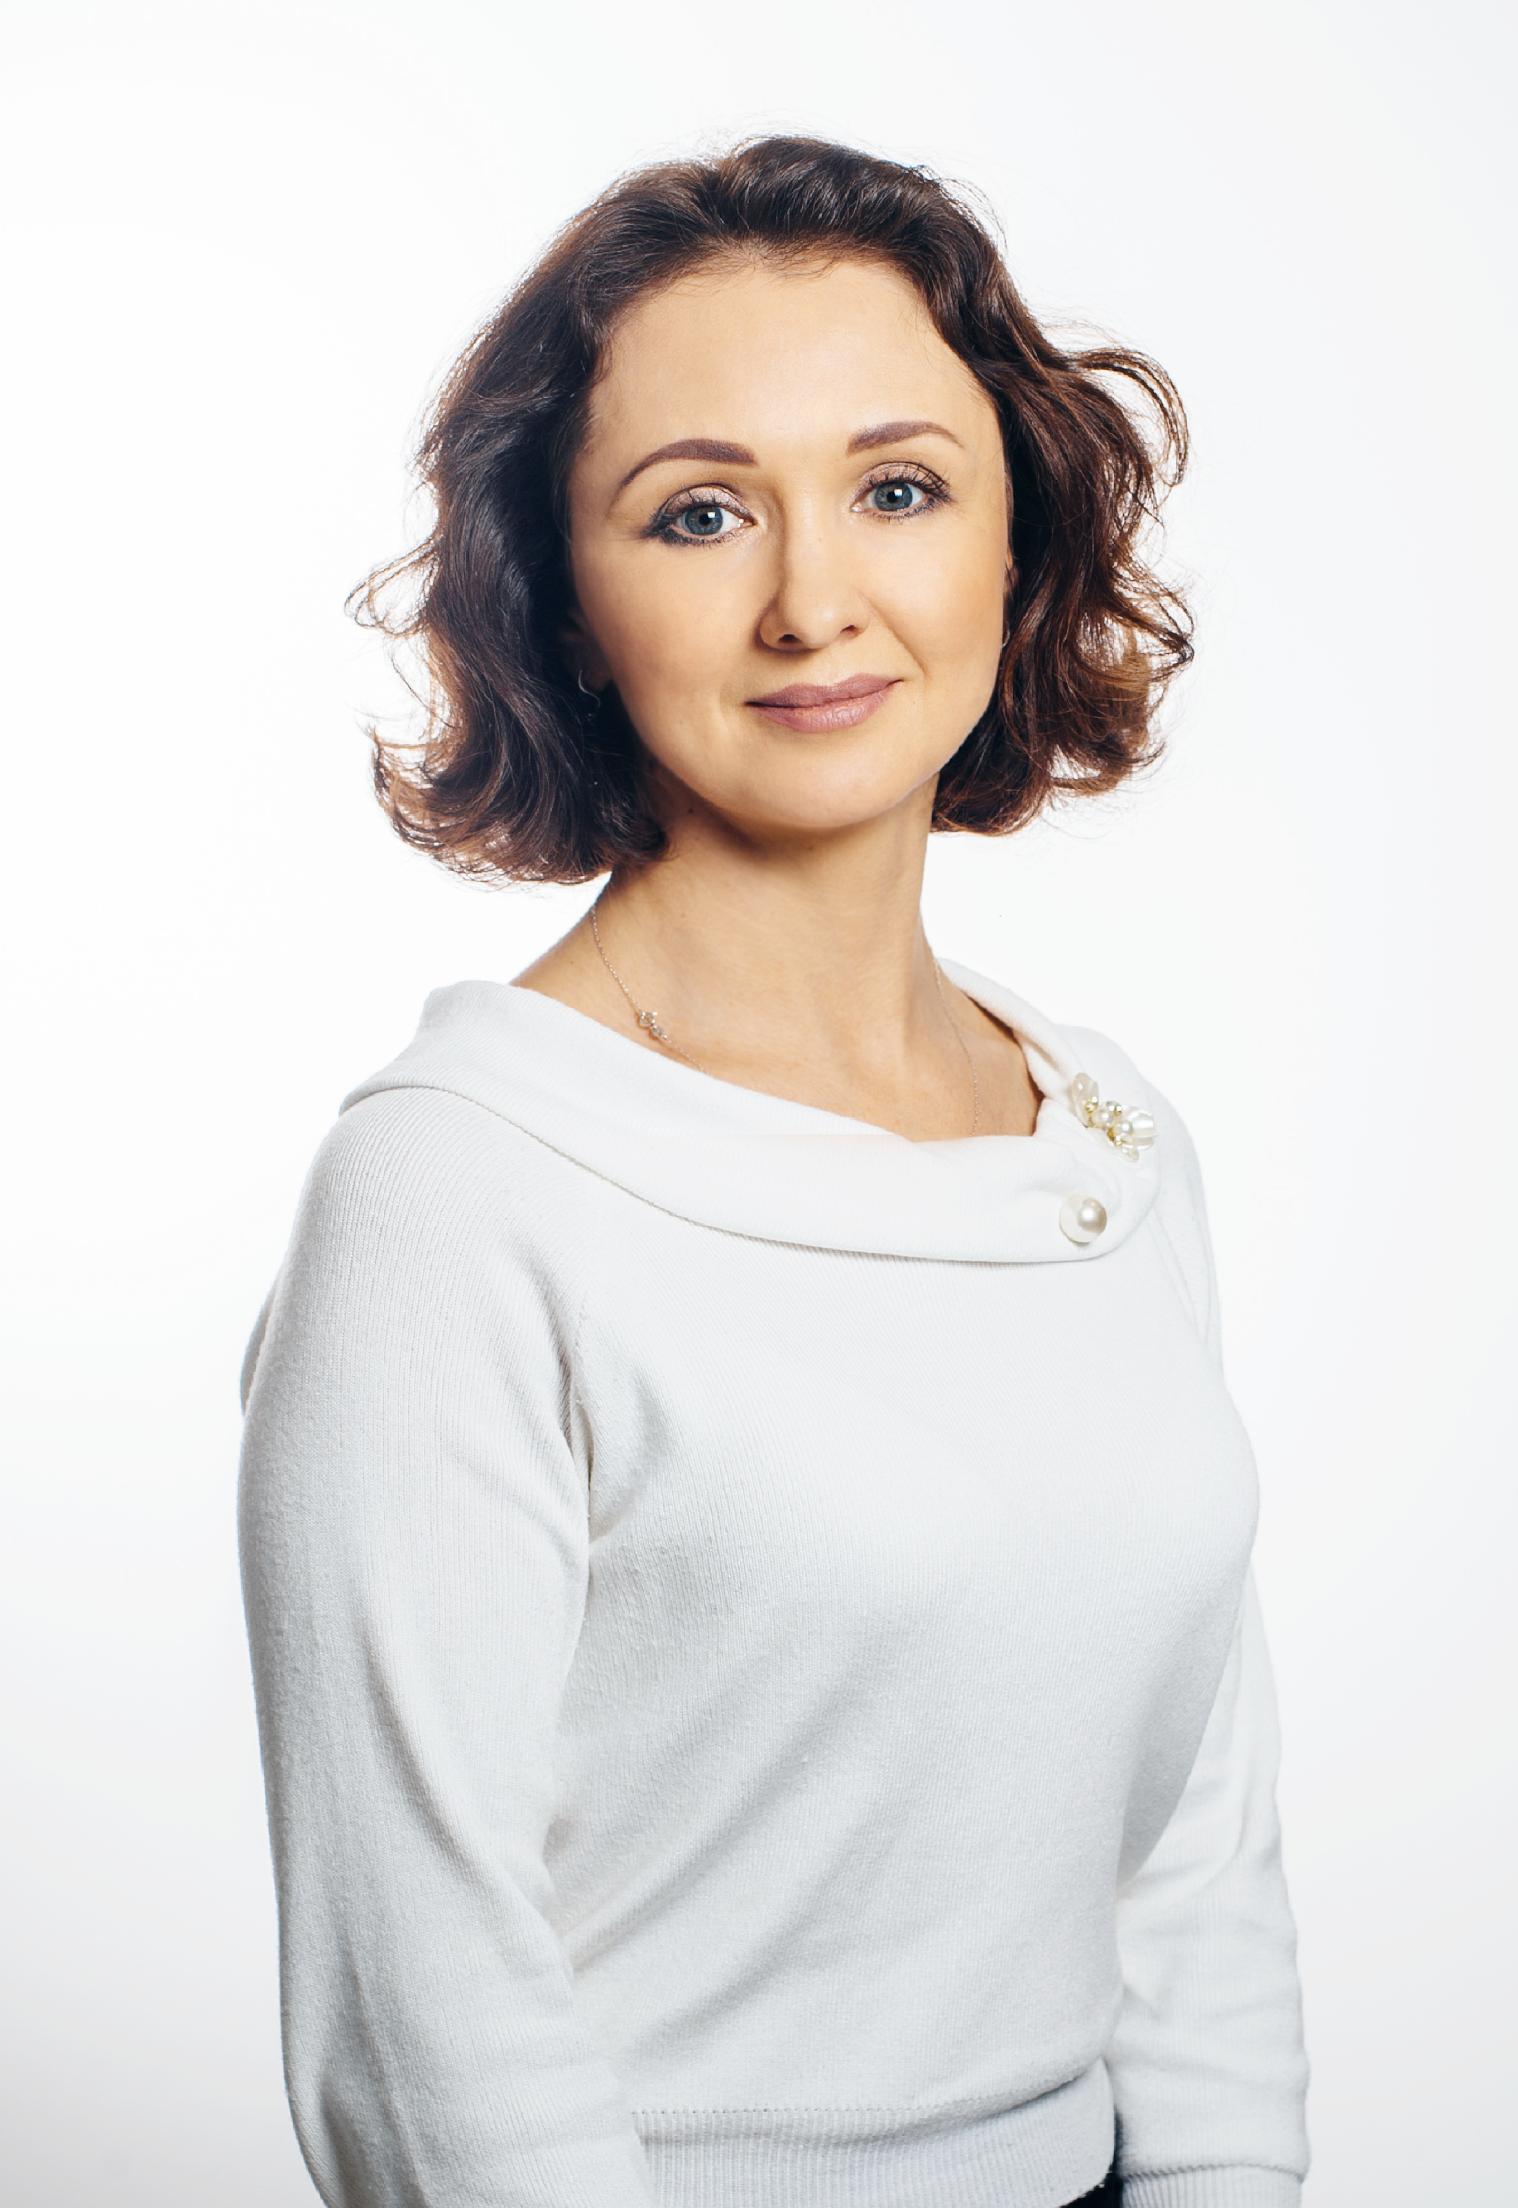 Фахрисламова Лилия Халитовна